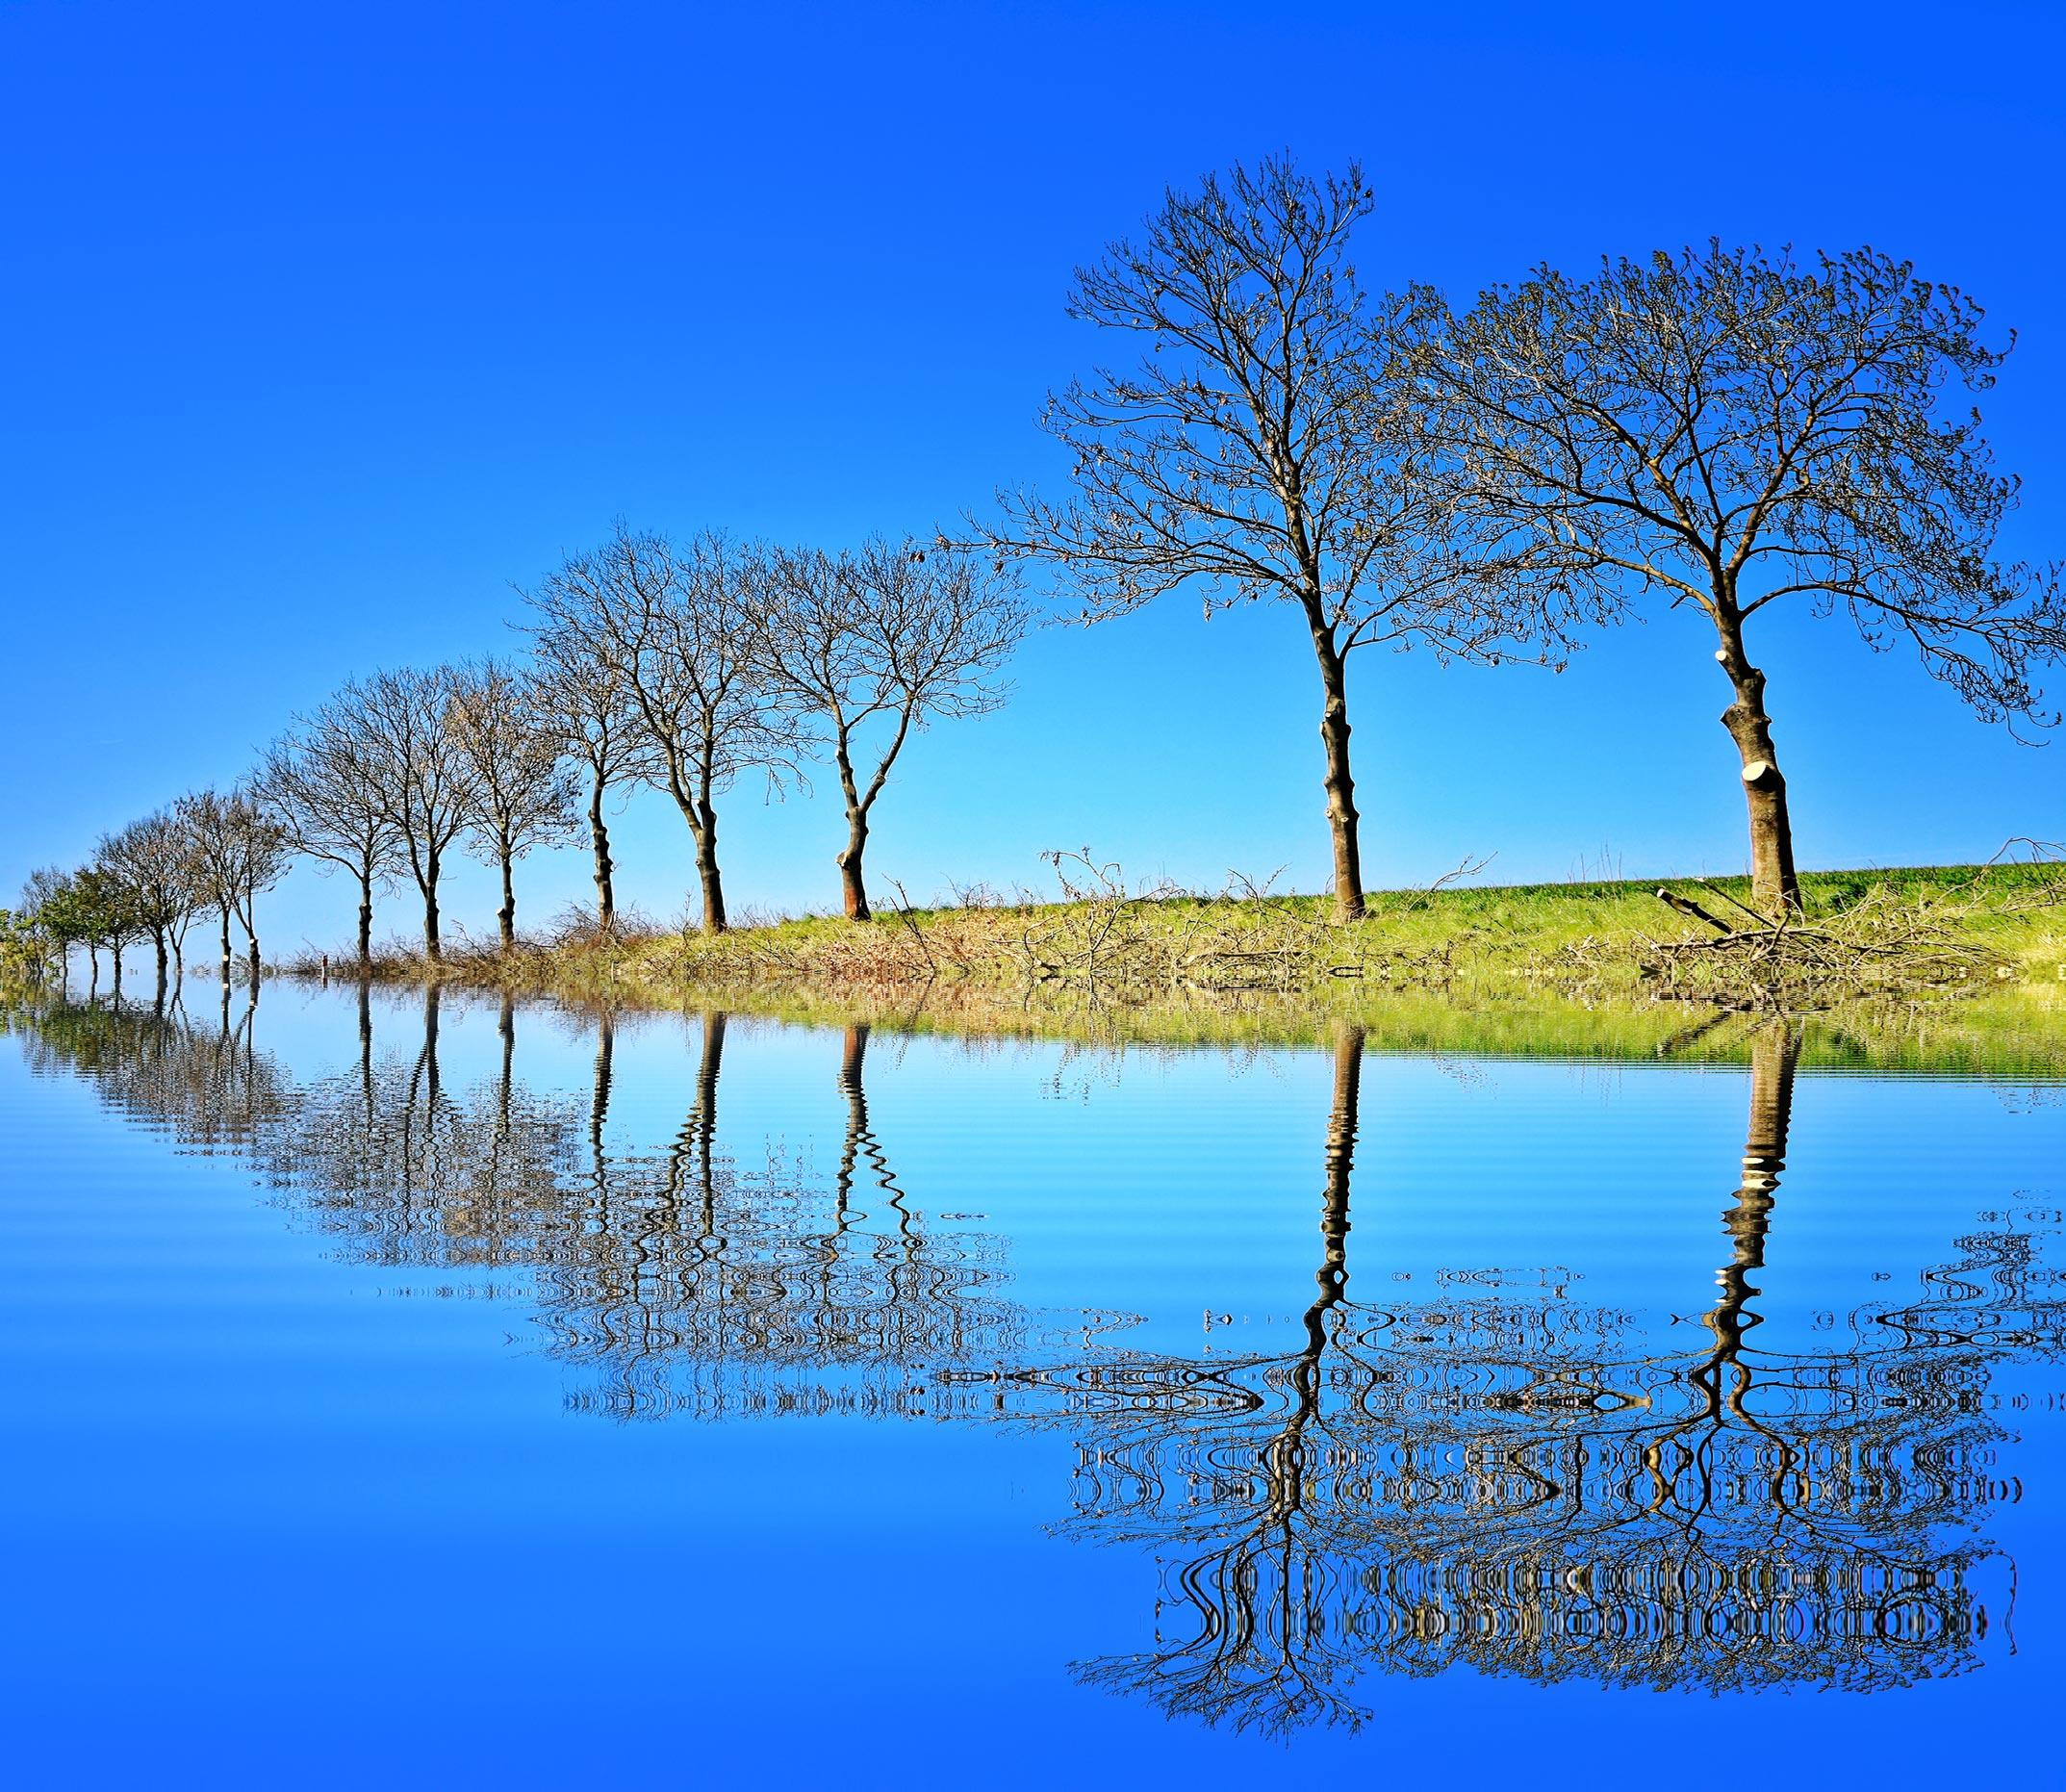 Beautiful Nature Video Download: Beautiful Nature Wallpaper For Desktop